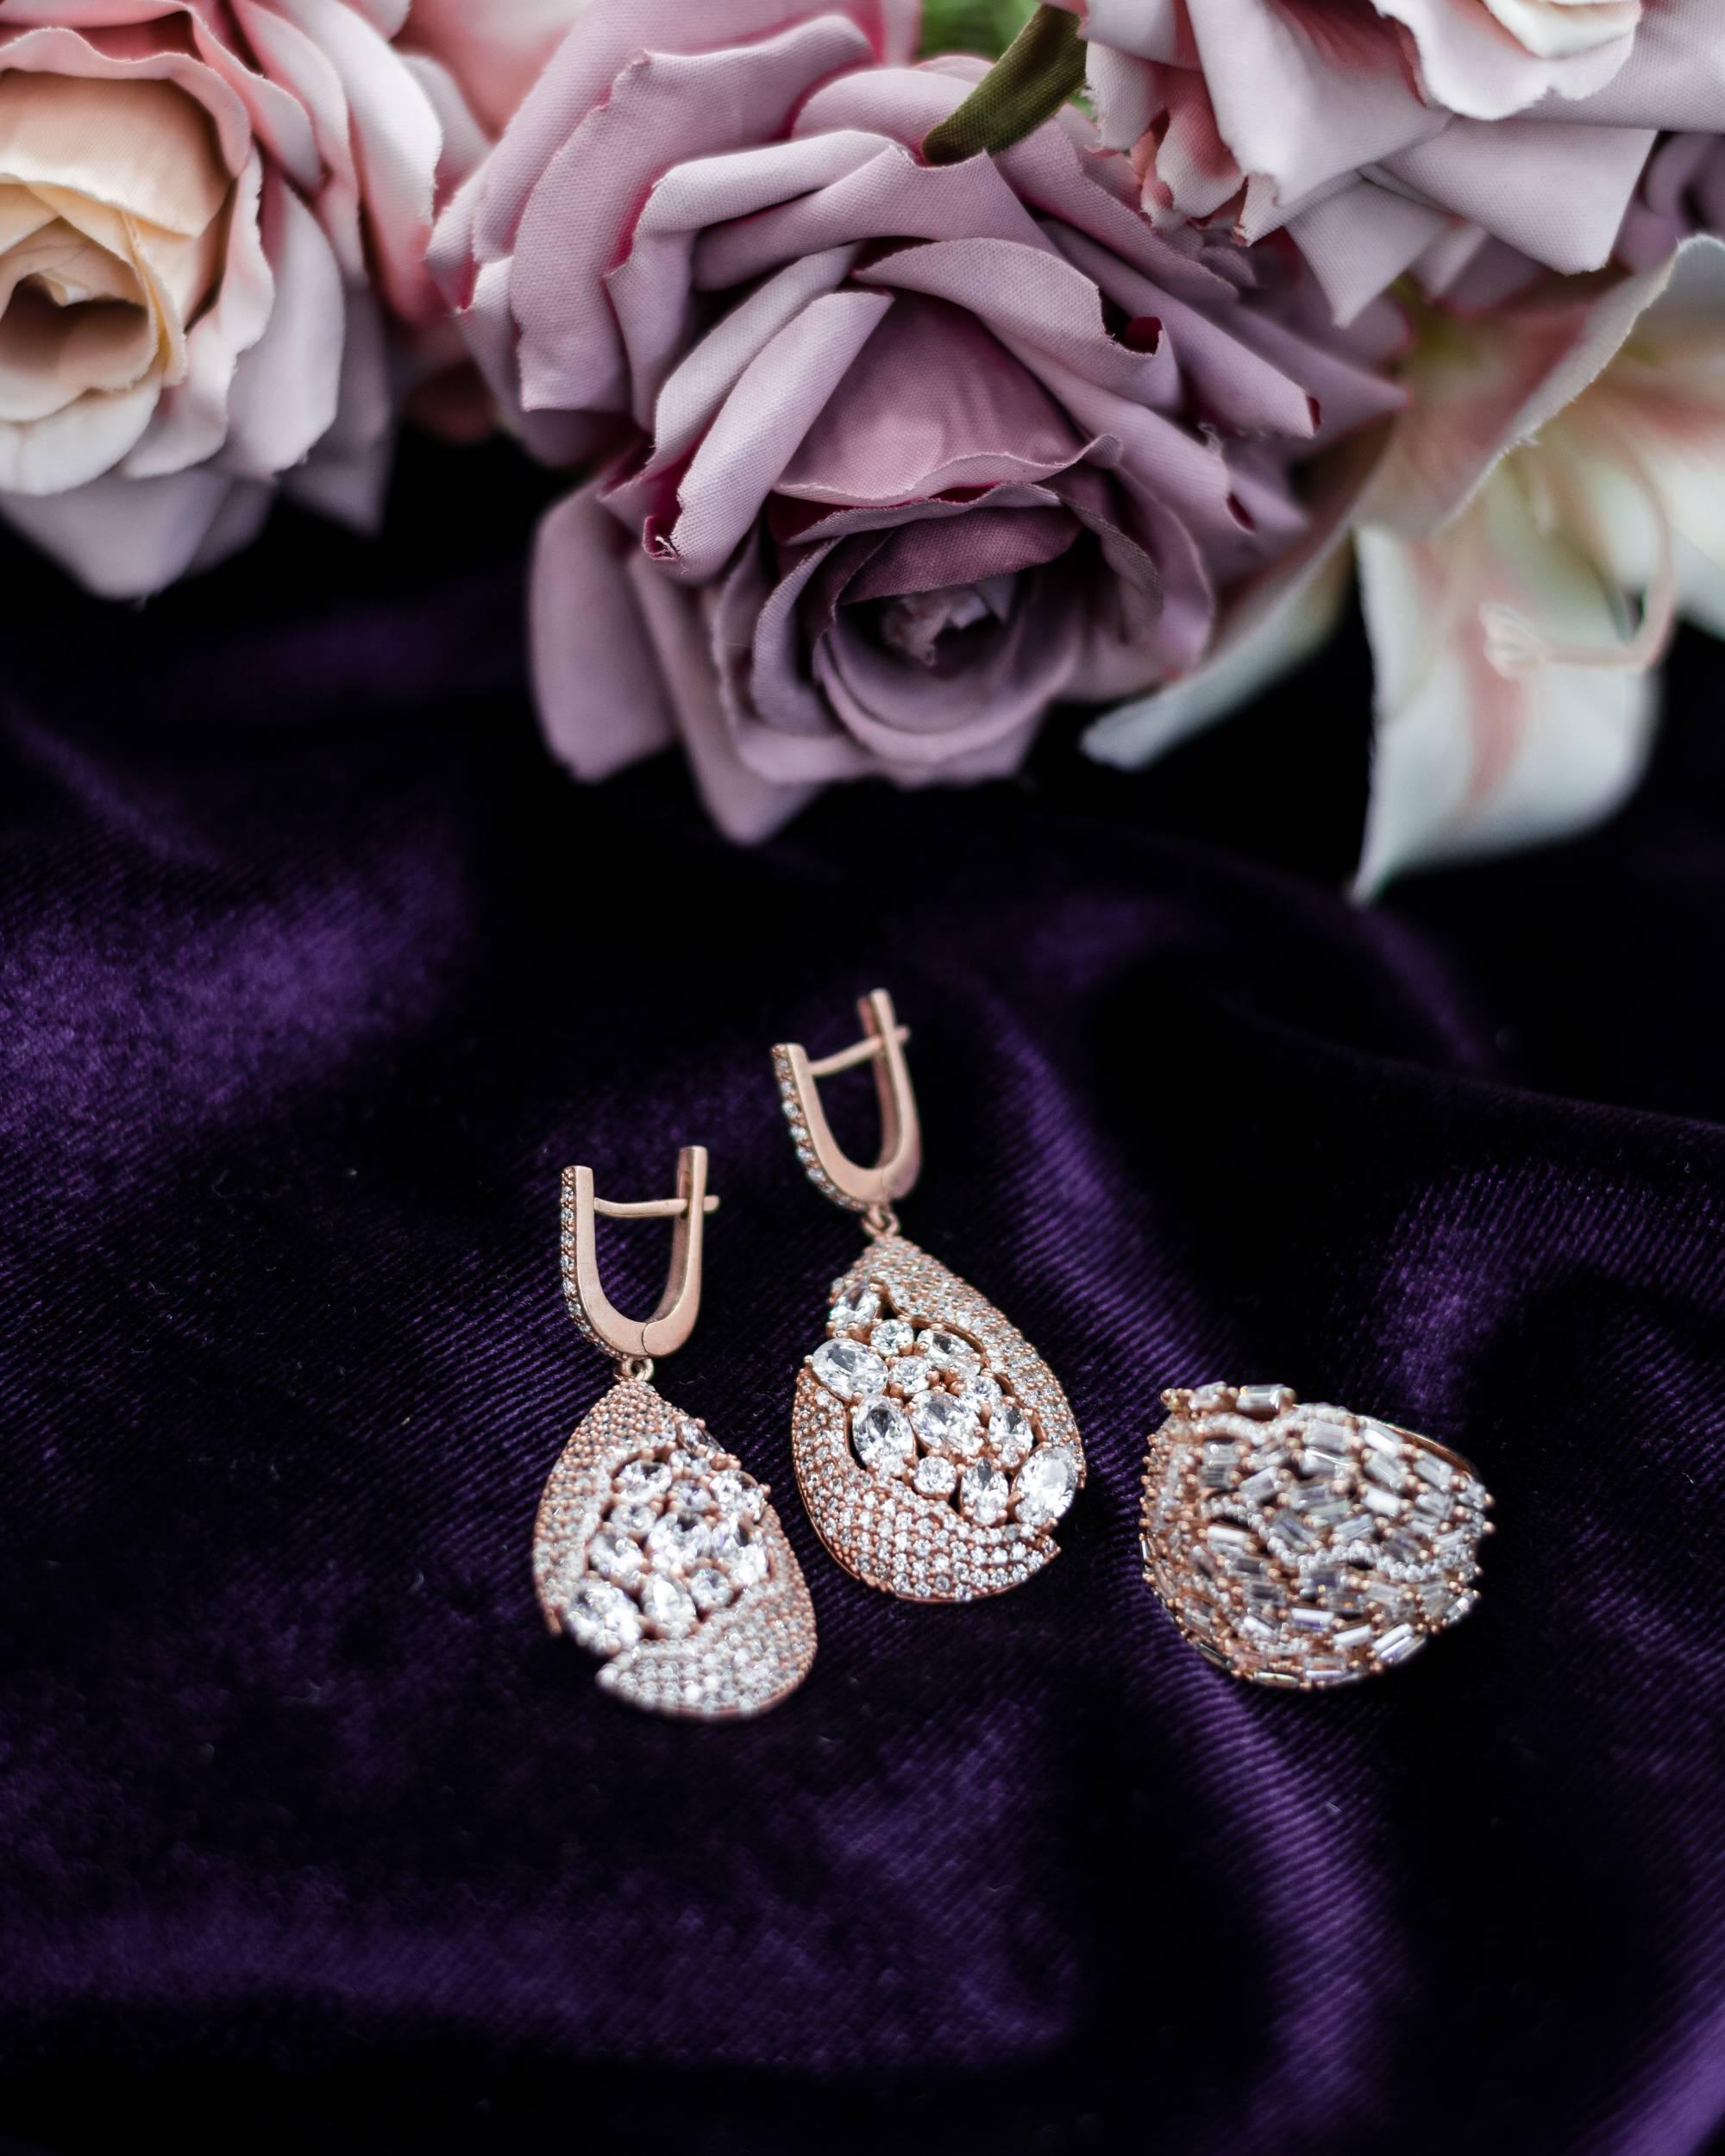 Double-J-Accessories-la-marque-de-bijoux-libanaise-engagee-2-5